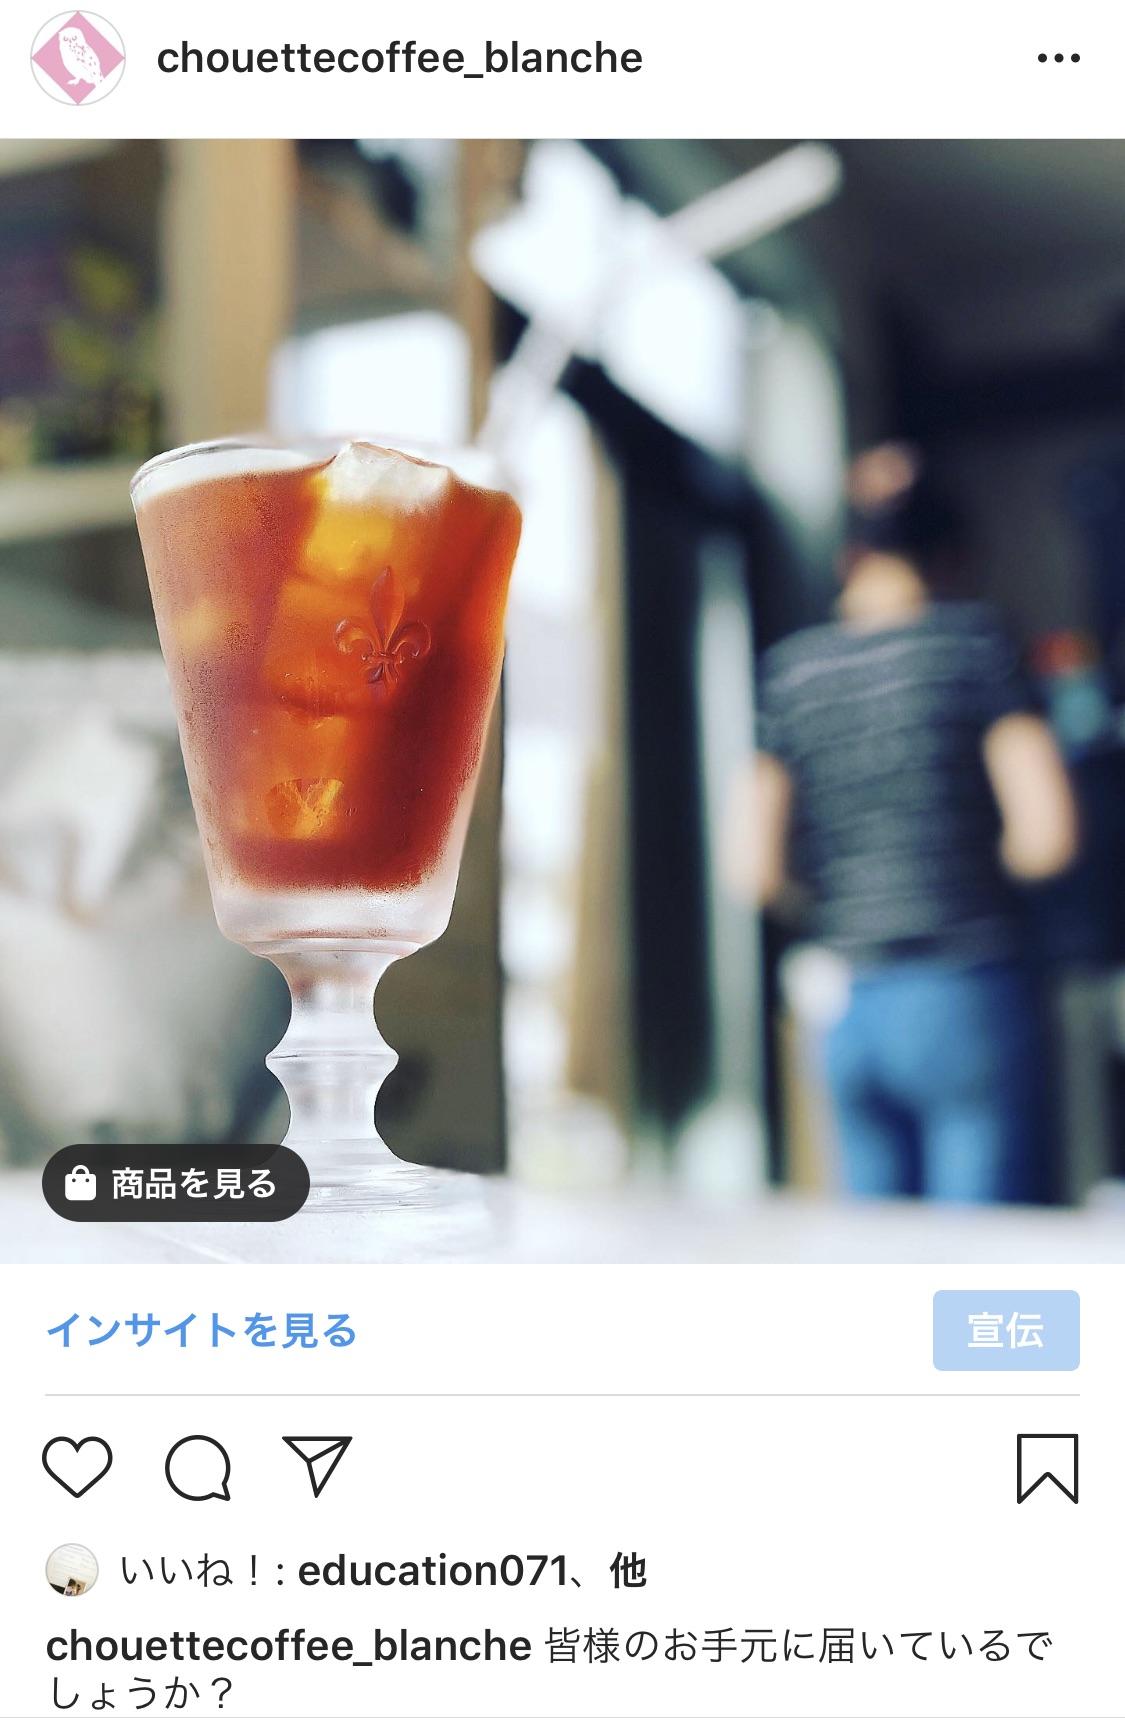 コーヒー, アイスコーヒー